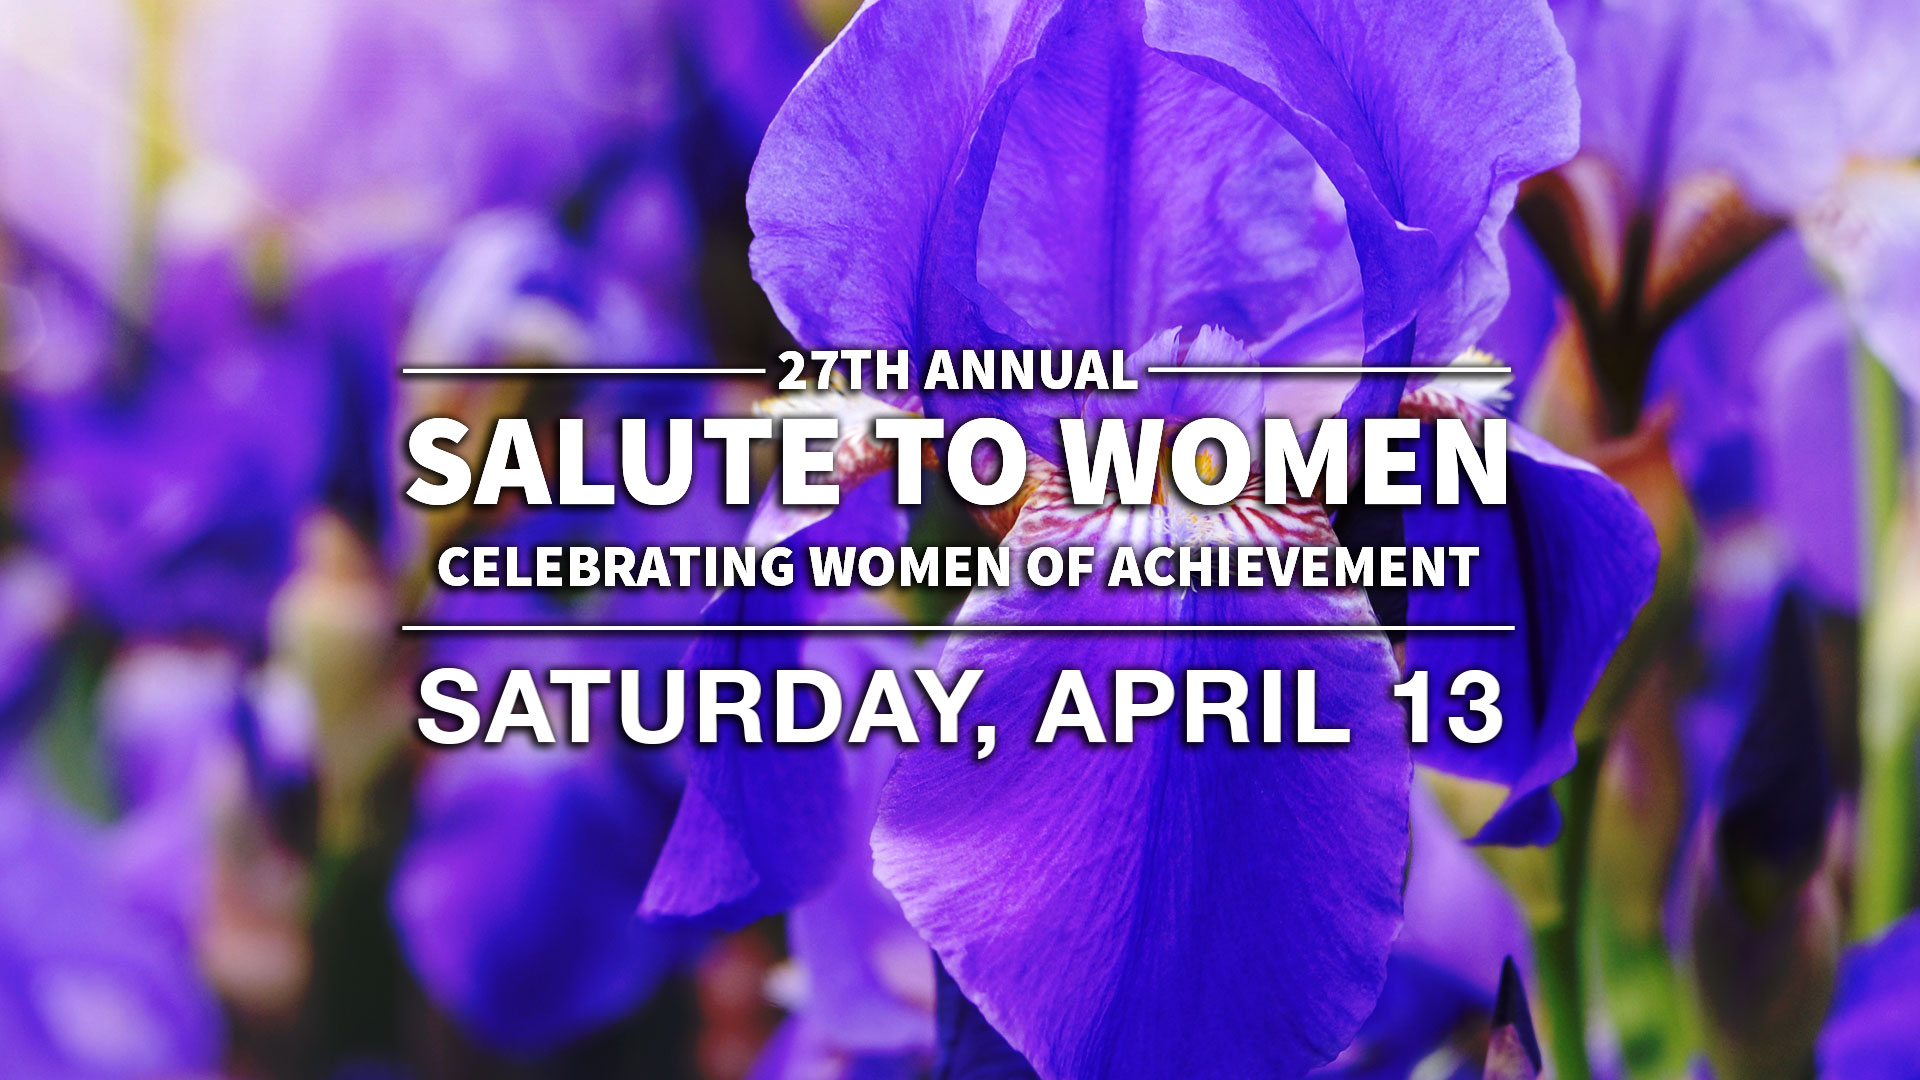 19-YWCA-0021-YWCA_FB-Event